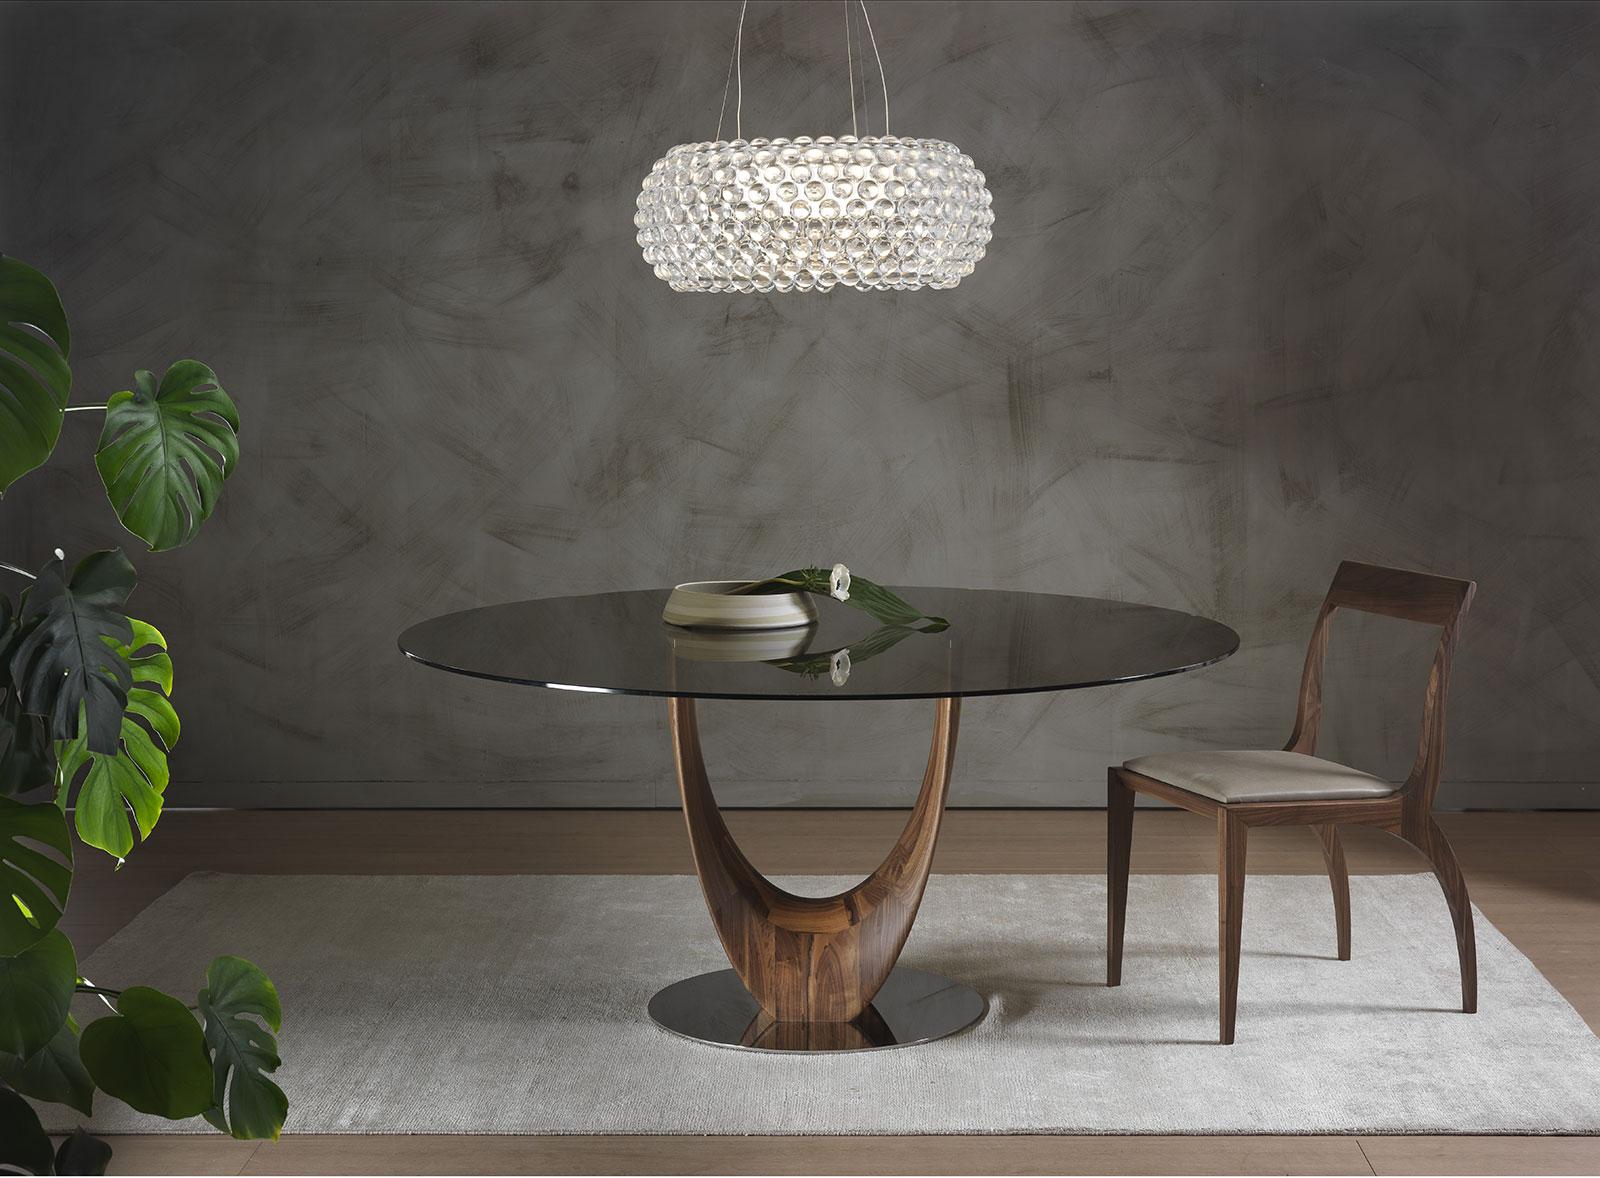 Axel tavolo da pranzo rotondo - Italy Dream Design